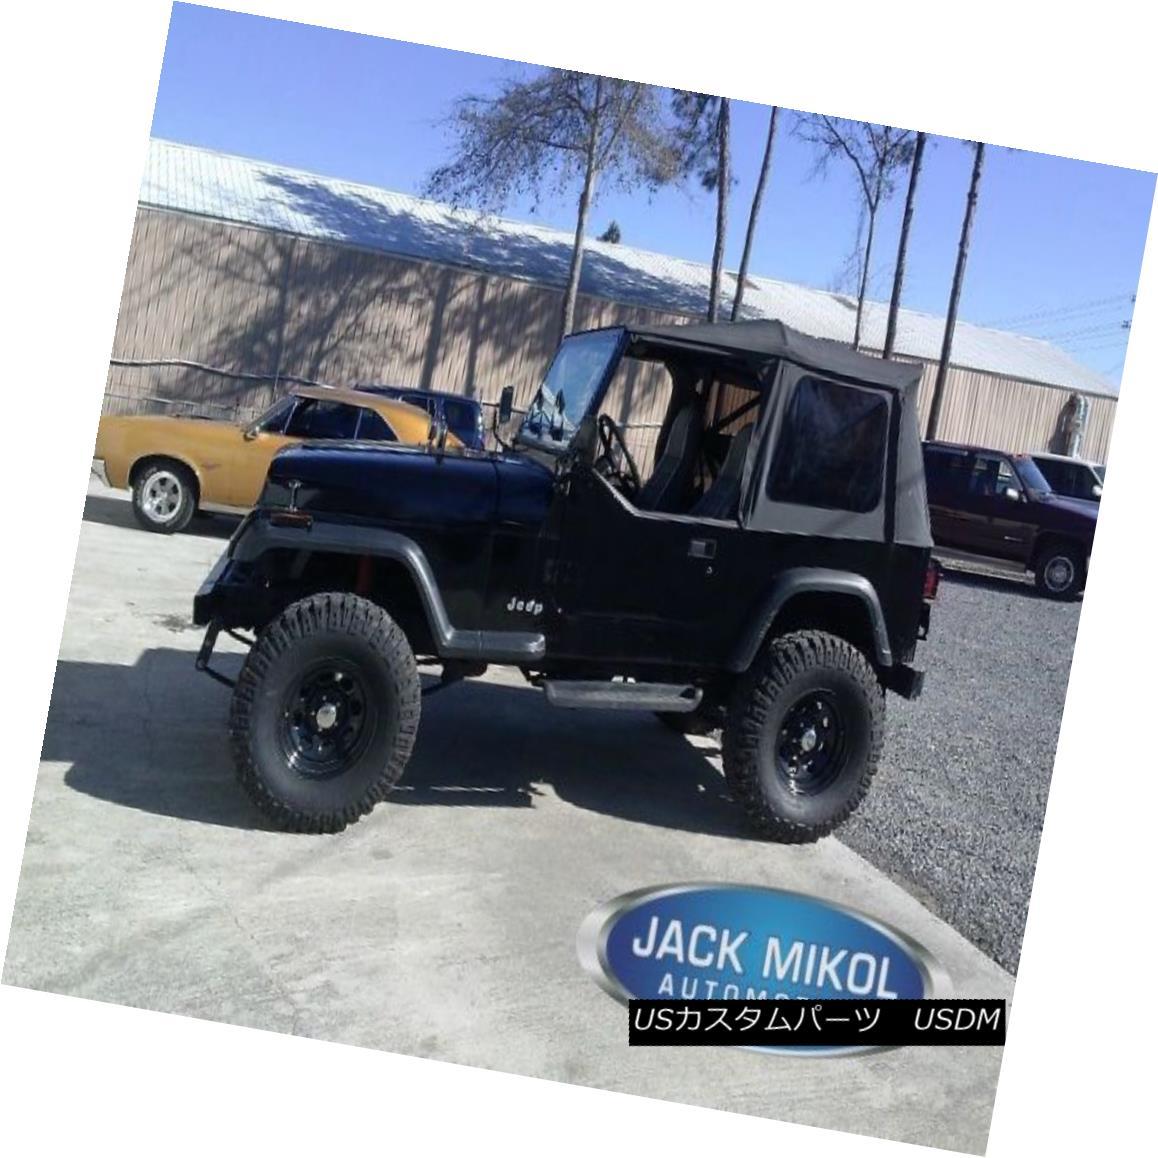 幌・ソフトトップ Black 1988-1995 Jeep Wrangler Soft Top Tinted Windows w/o Skins Black 1988-1995 Jeep Wranglerソフトトップティンテッドウィンドウズスキンなし